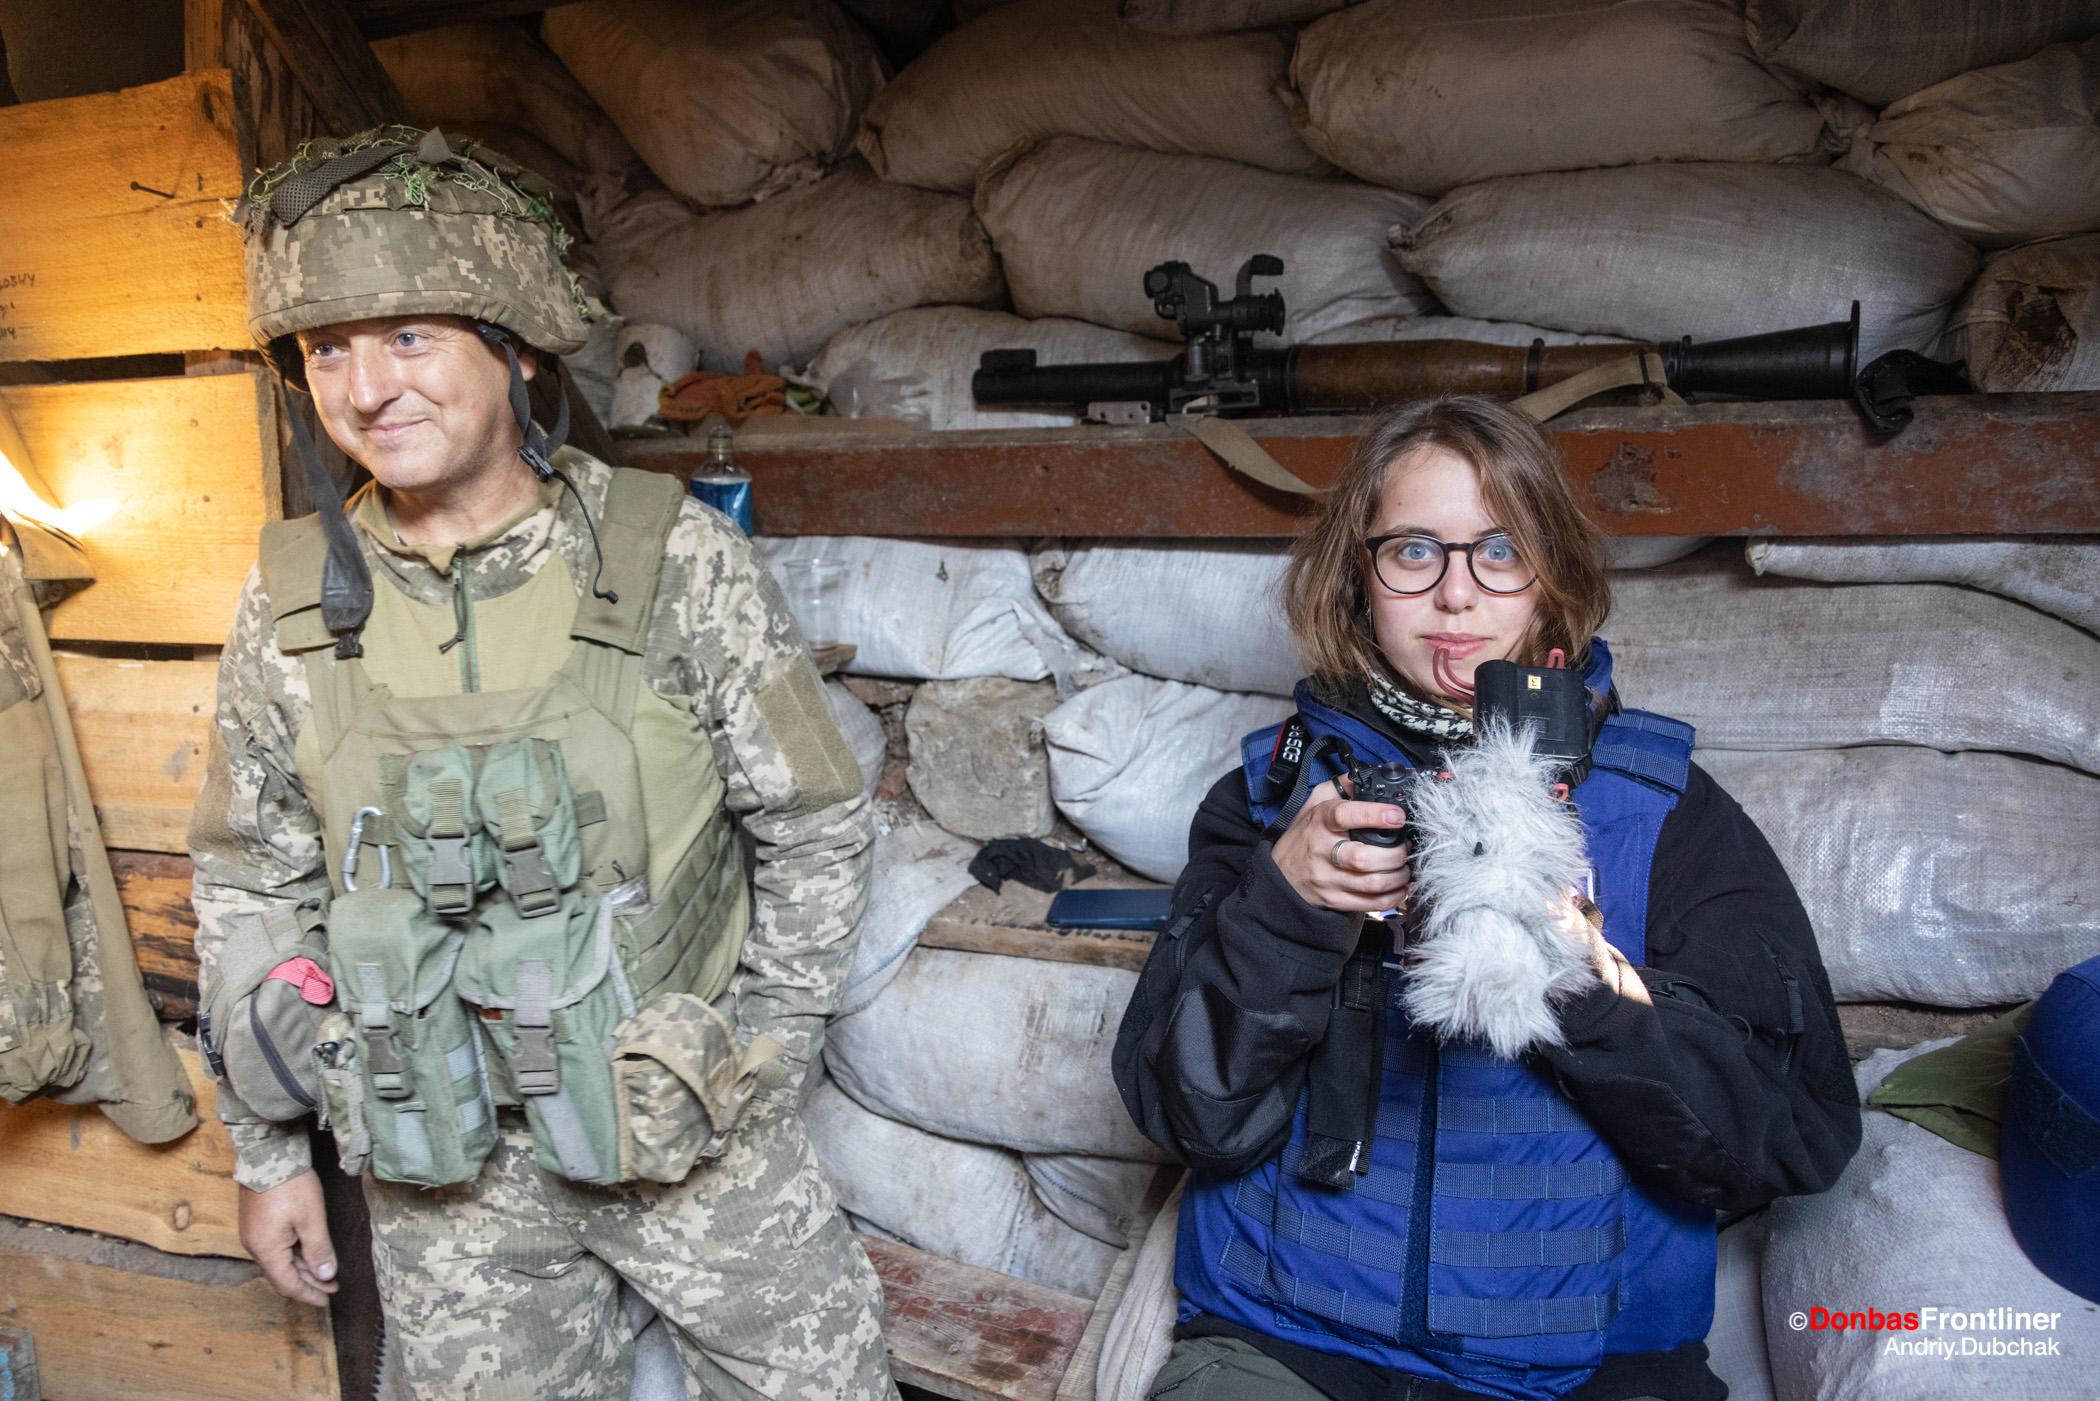 Donbas Fropntliner.  Війна у Золотому - боєць Алладін та кореспондент Донбас Фронтлайнер Єва Фомичева